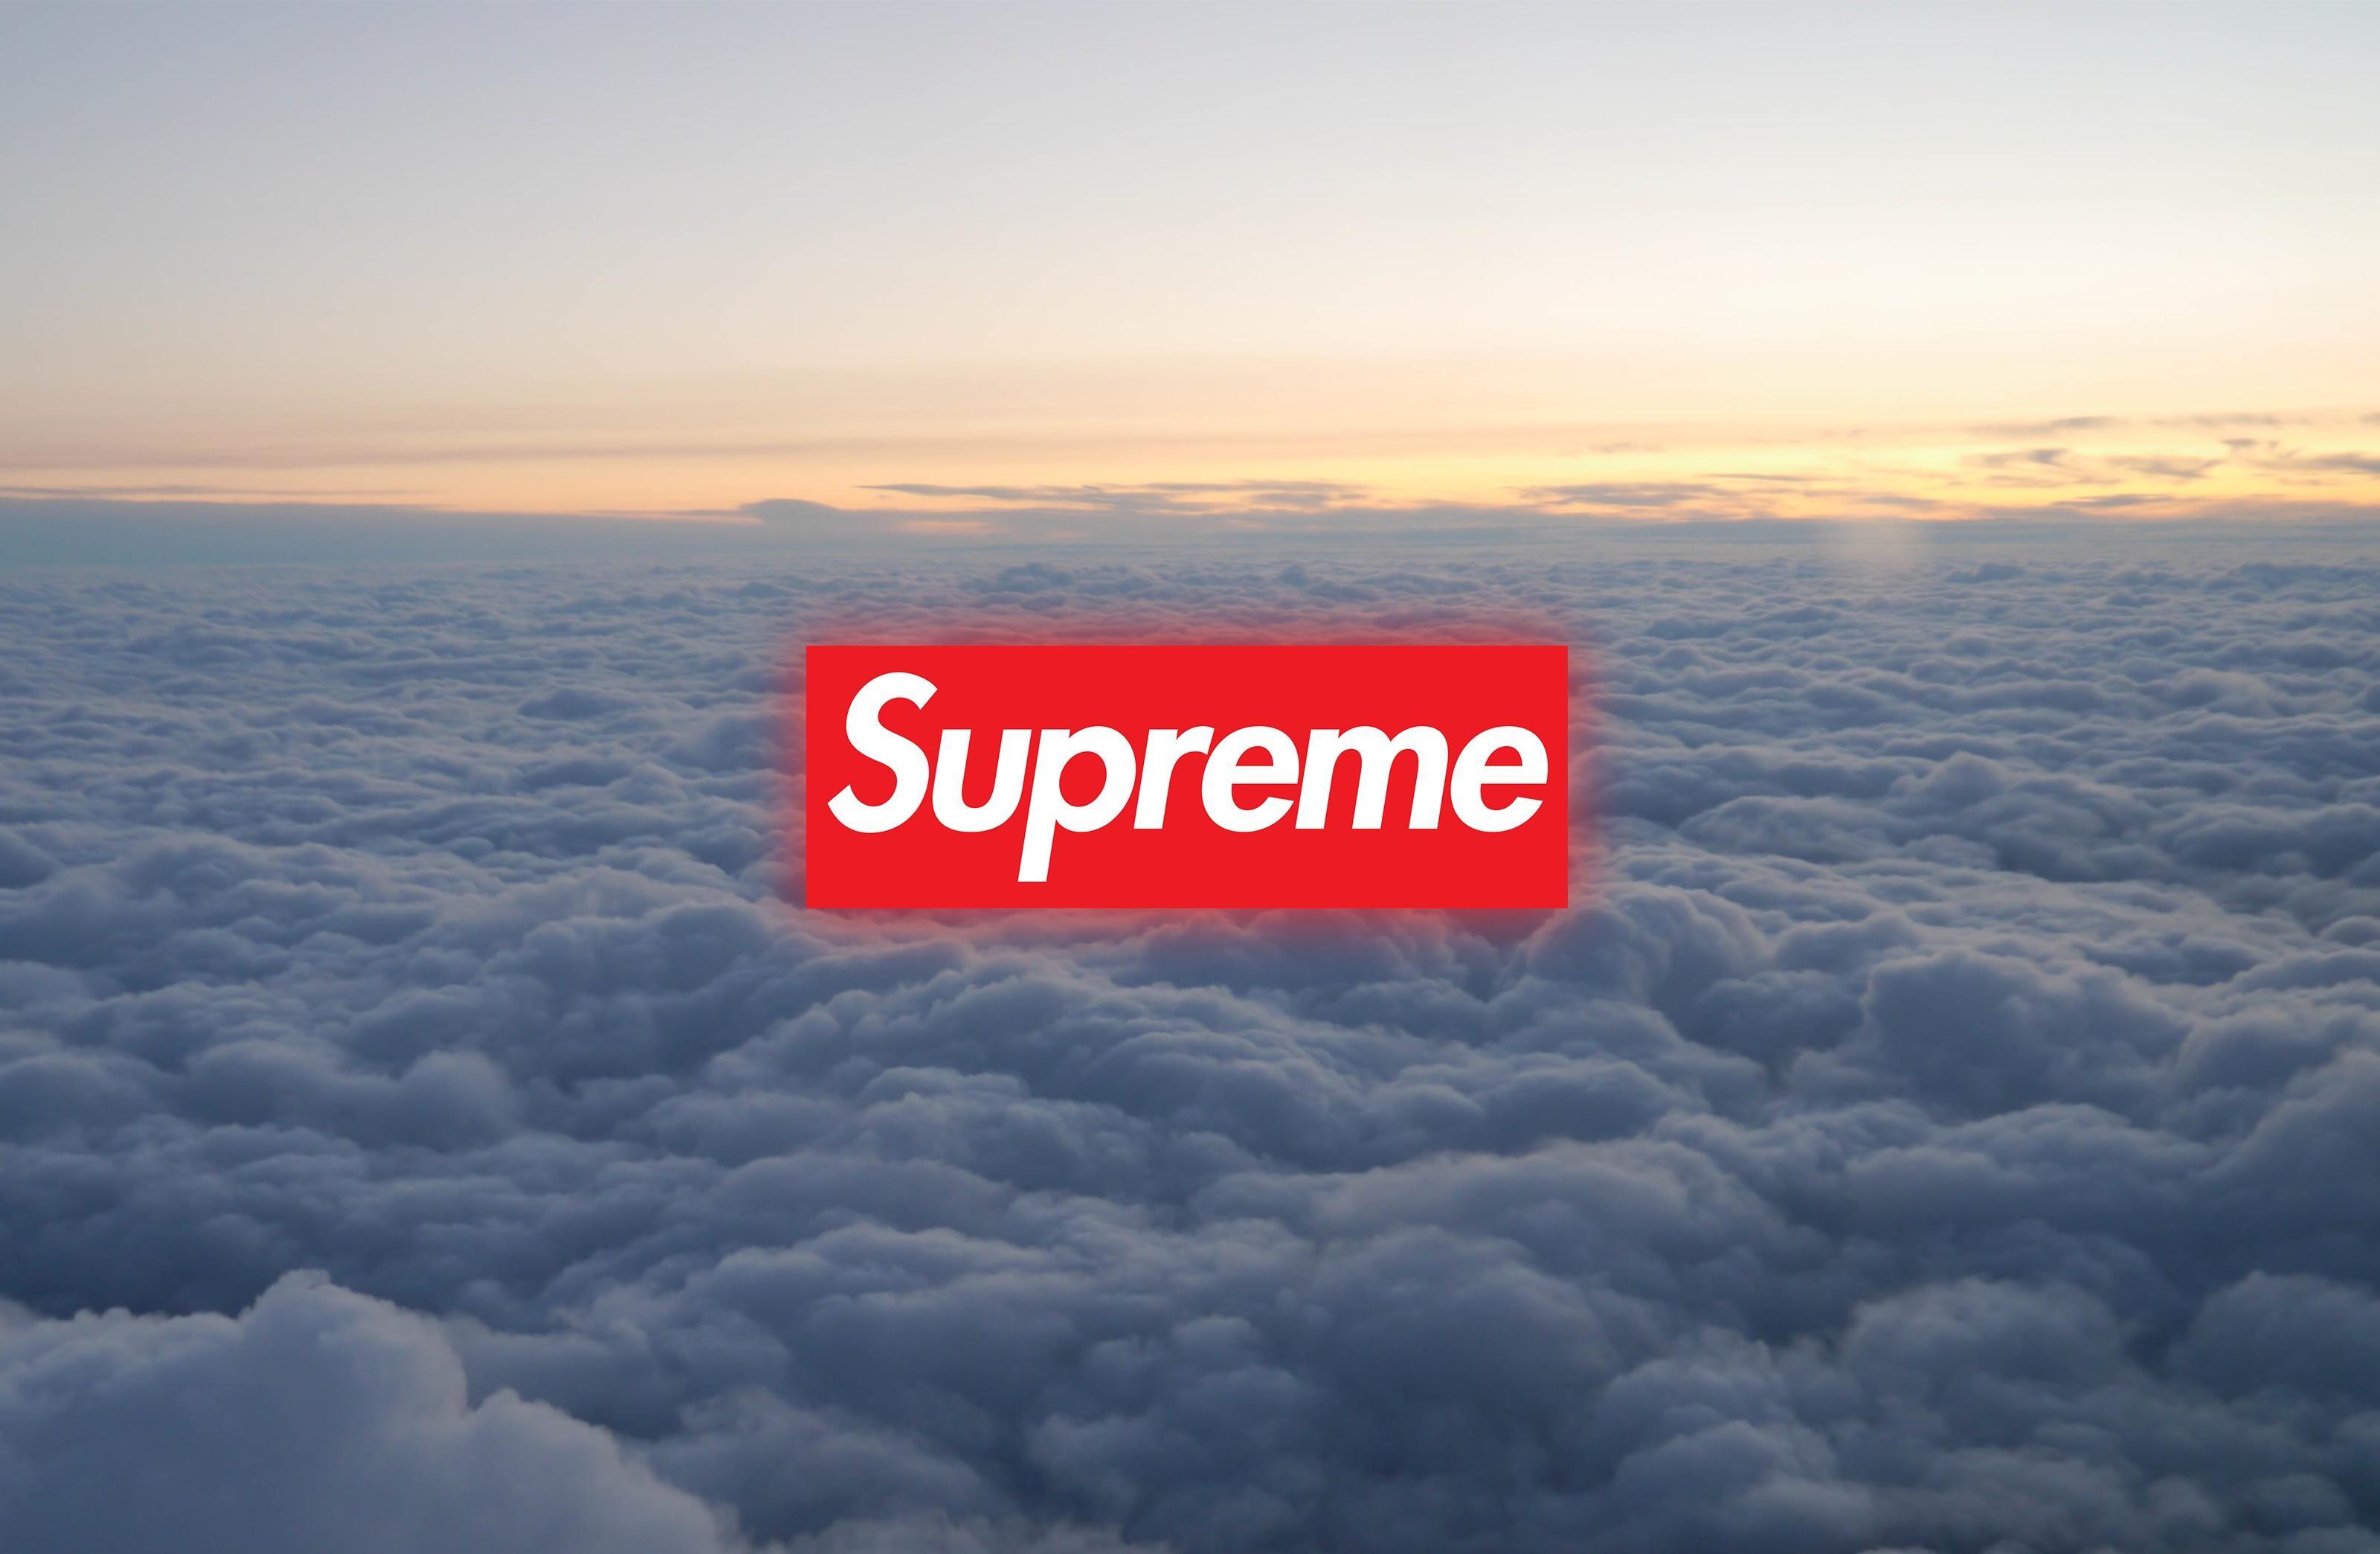 57+ Supreme Mac Wallpaper on WallpaperSafari